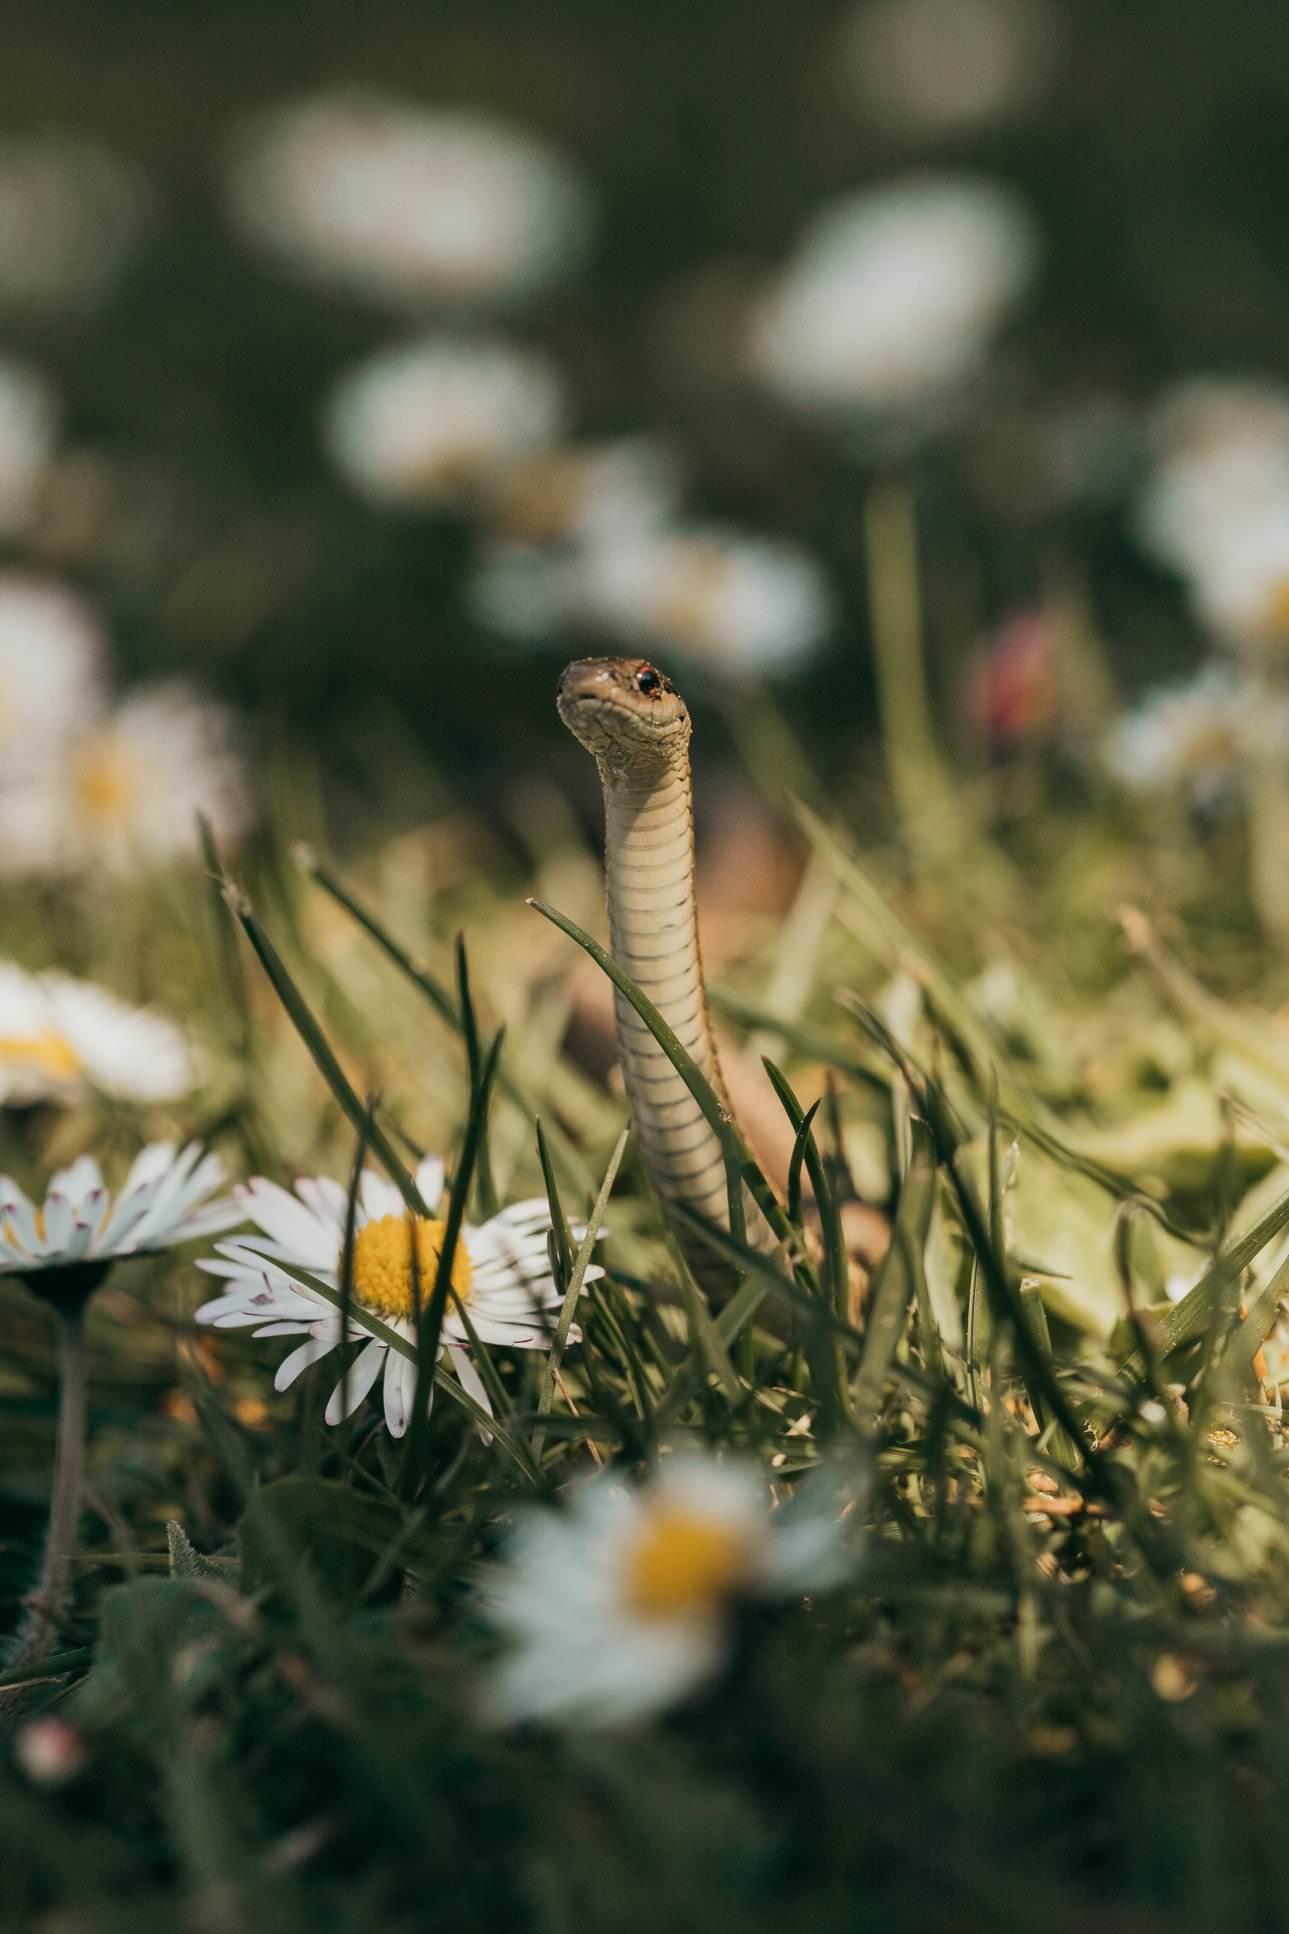 a snake in the garden